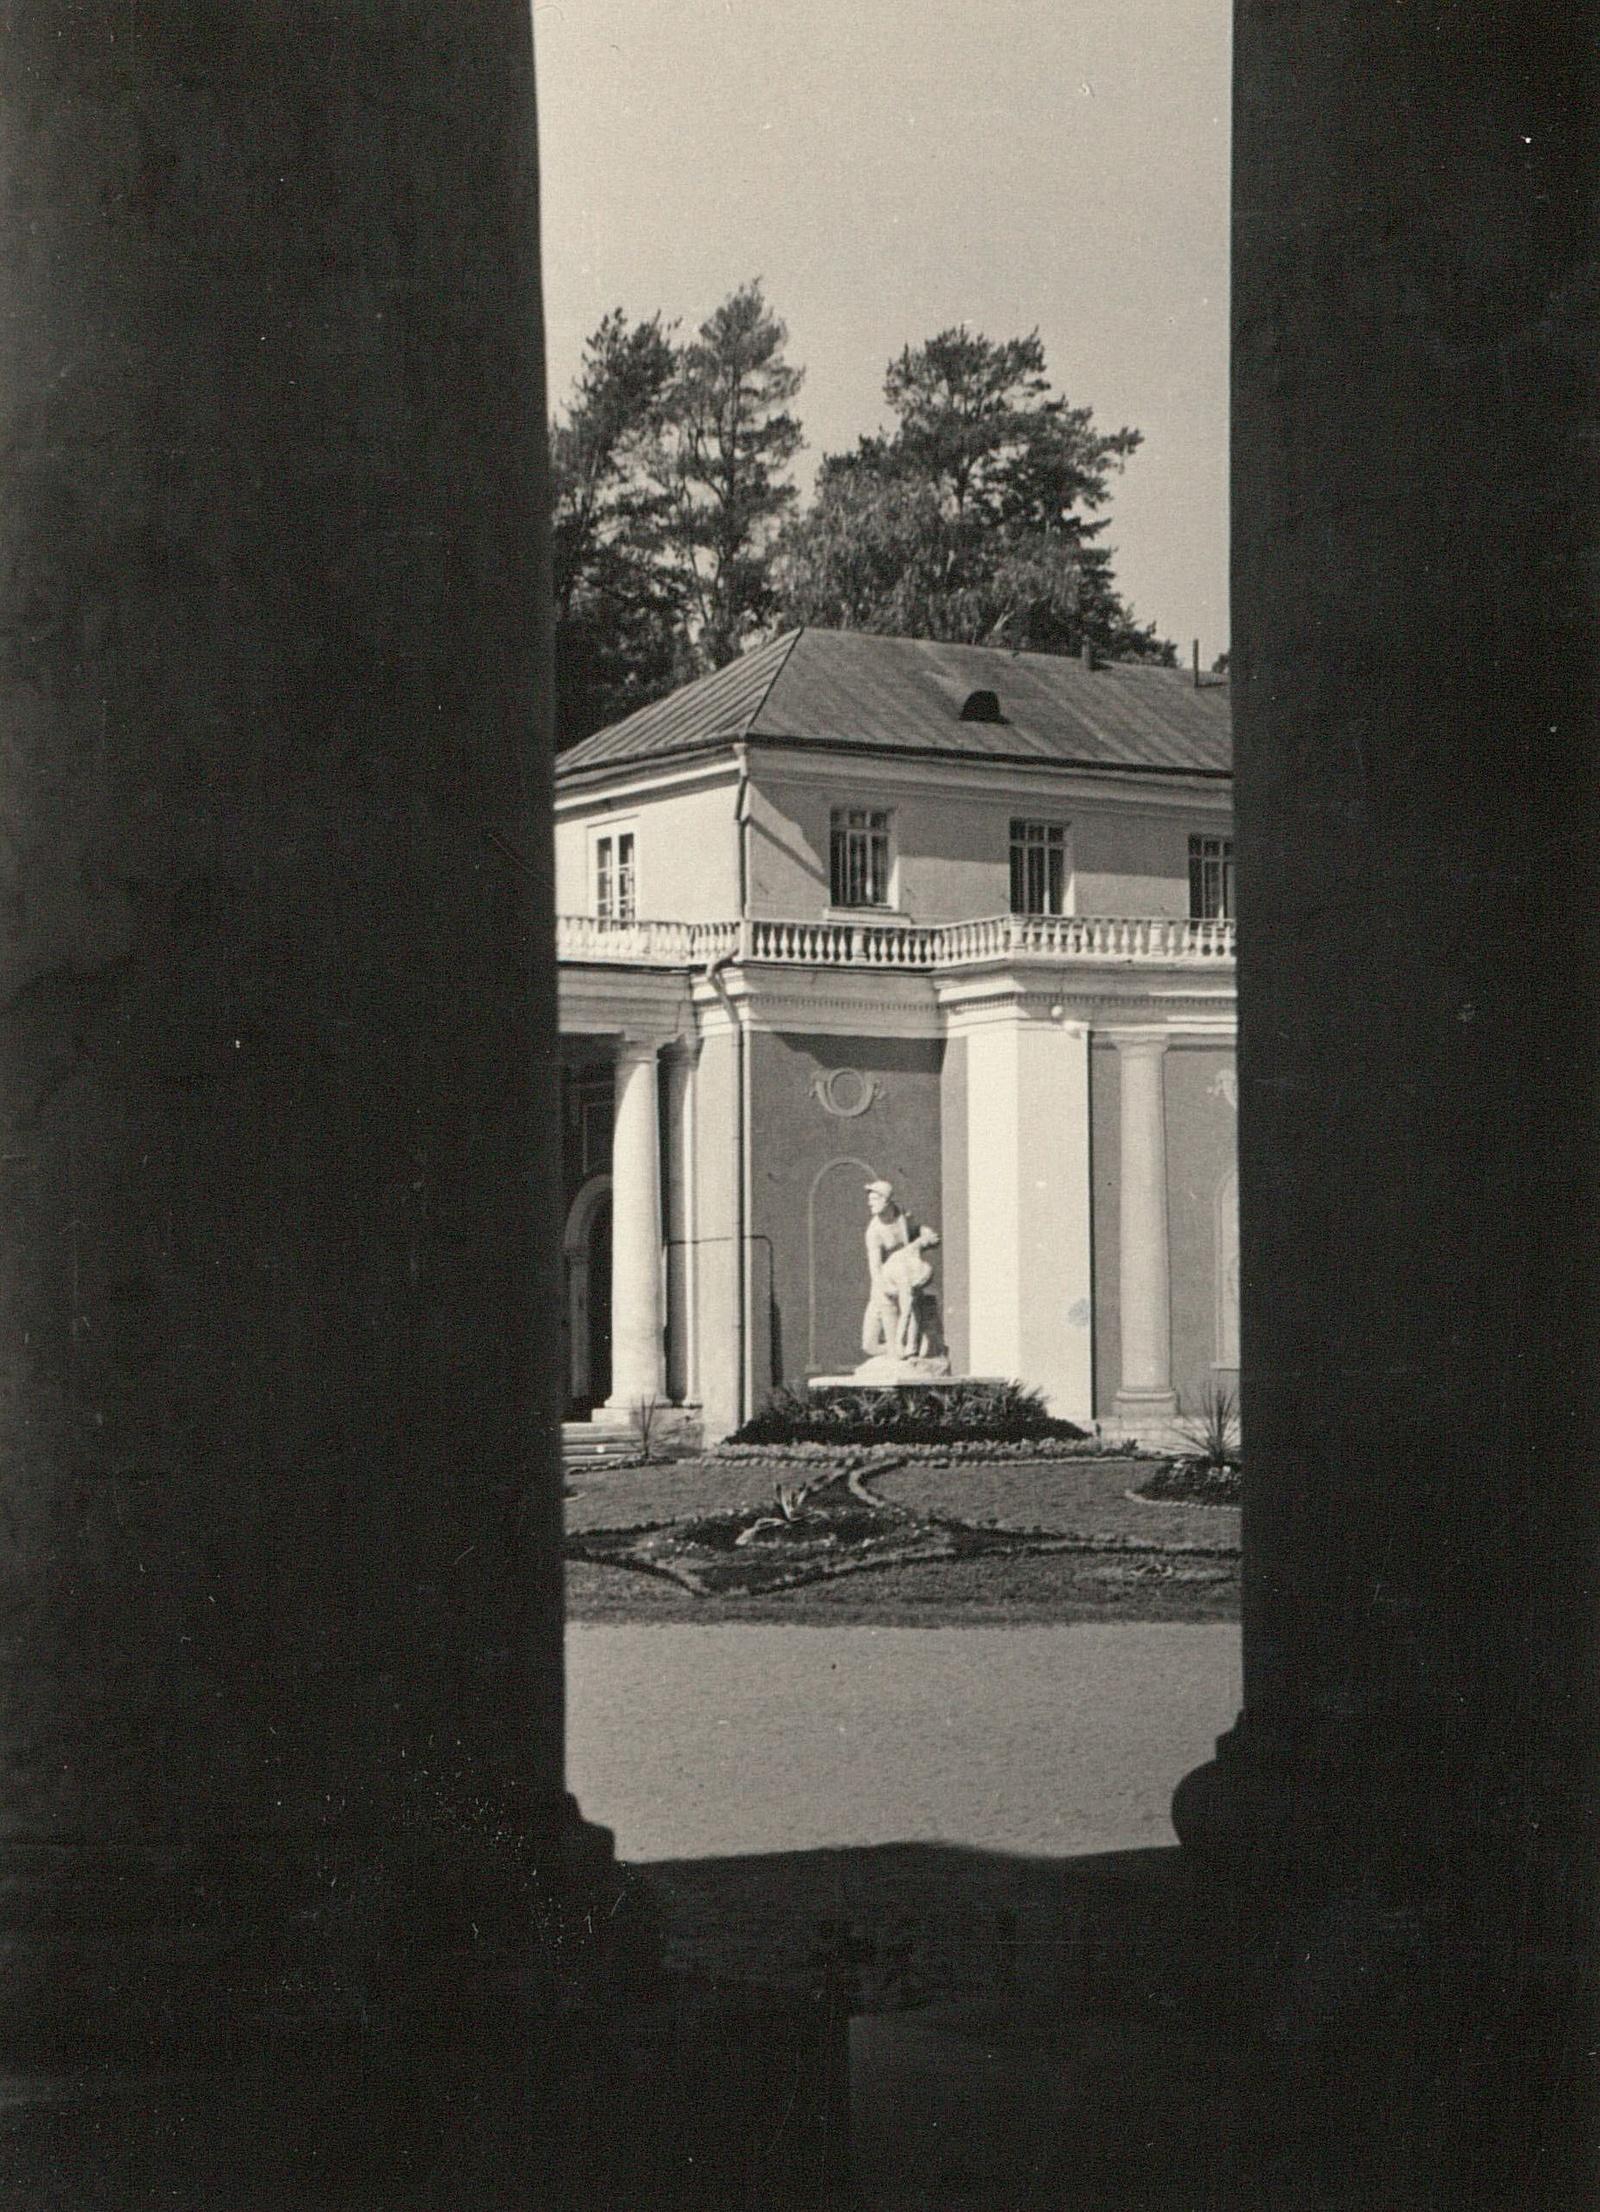 Архангельское. Вид между колоннами во дворе